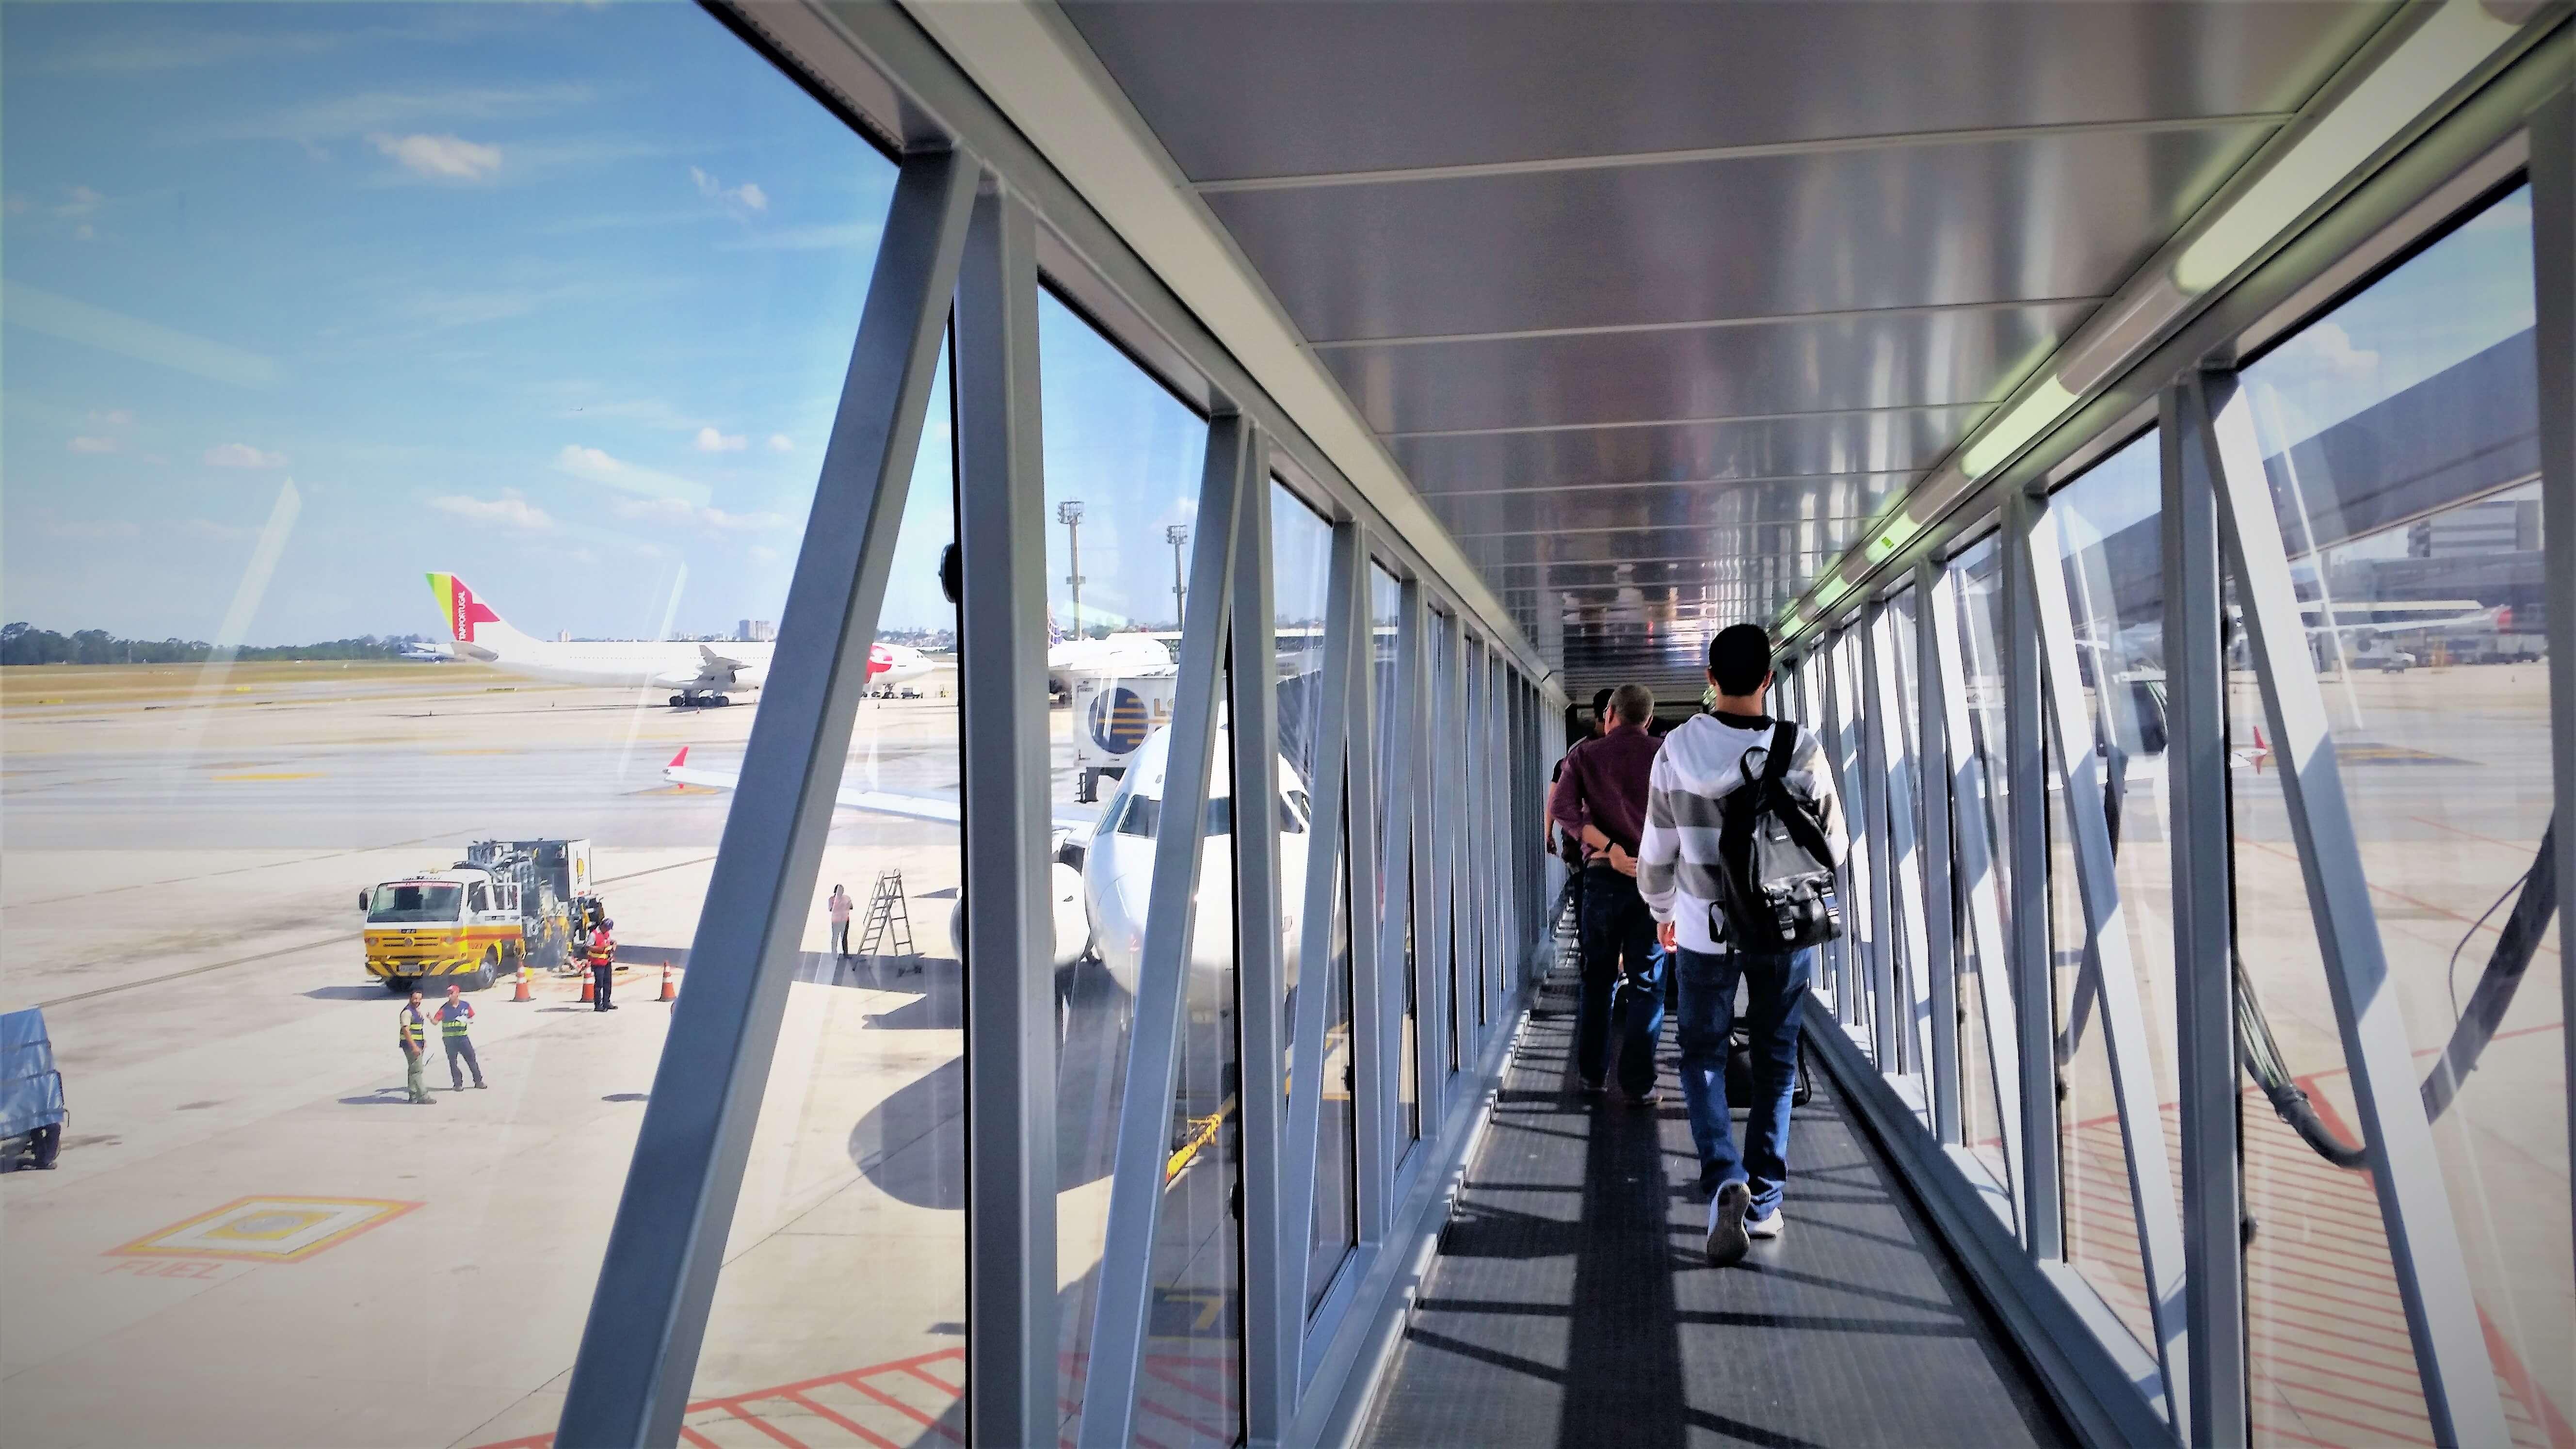 dicas para viajar de avião - Coisas que você não deve fazer